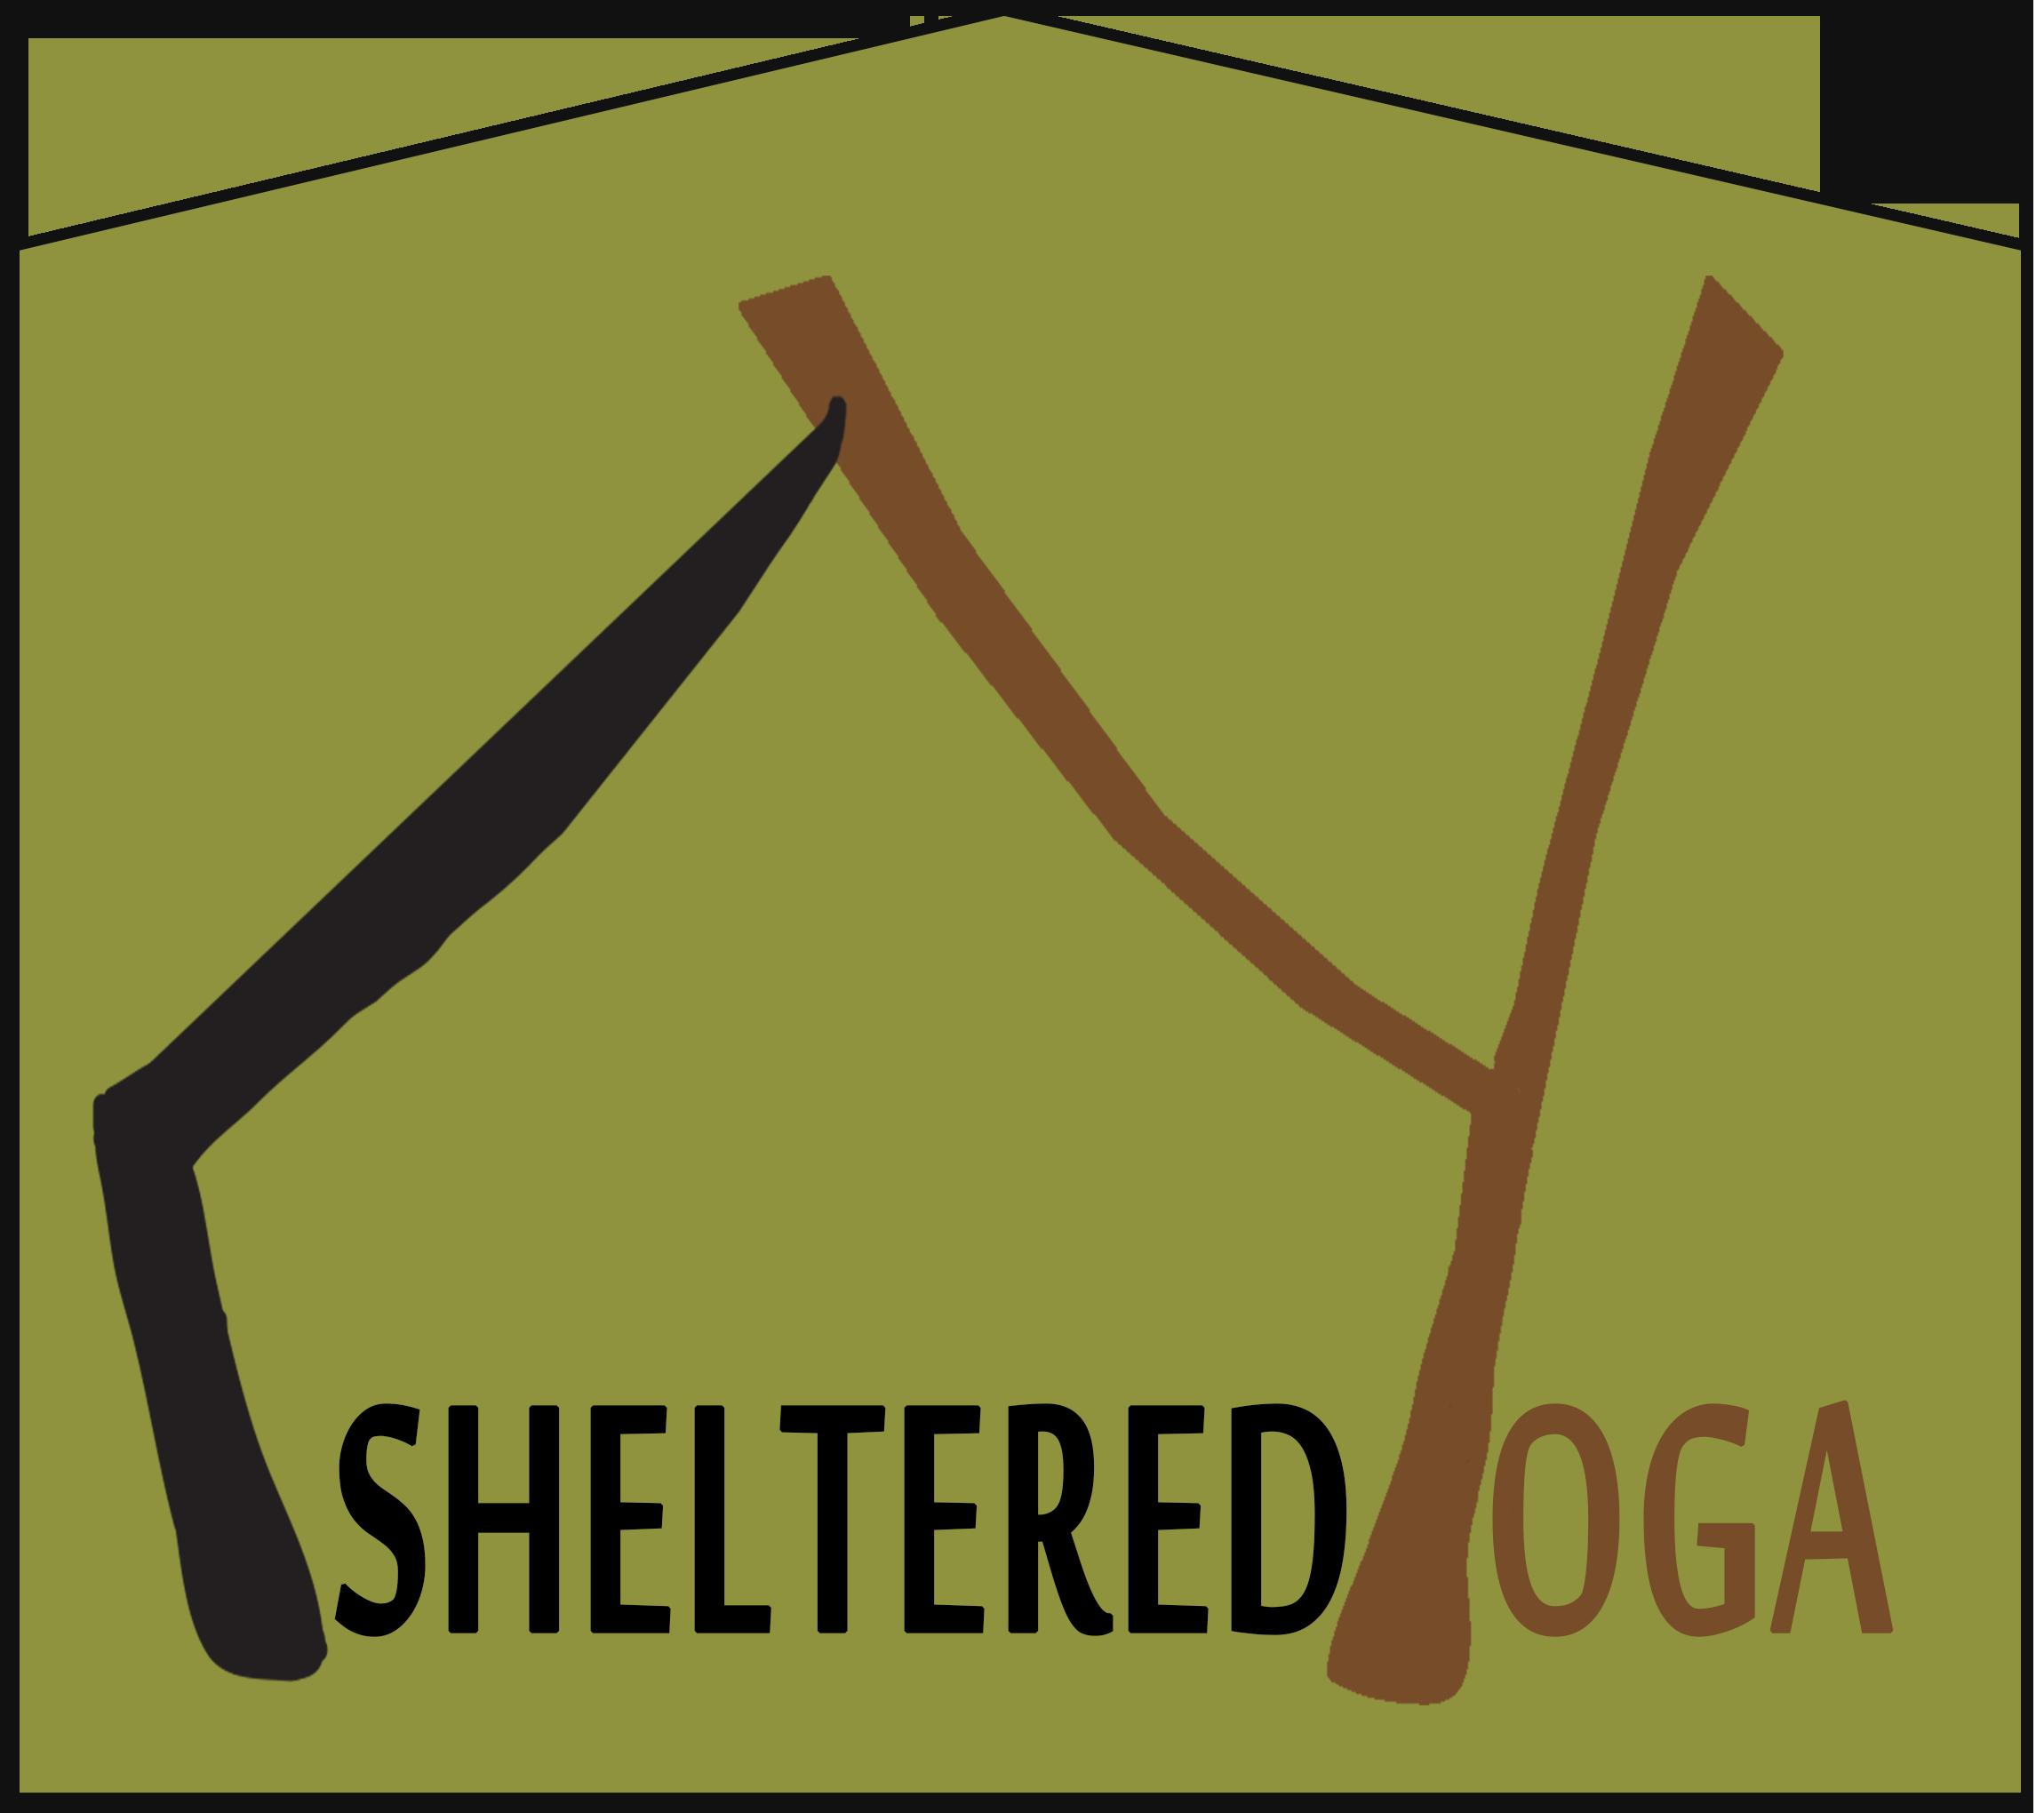 Sheltered Yoga